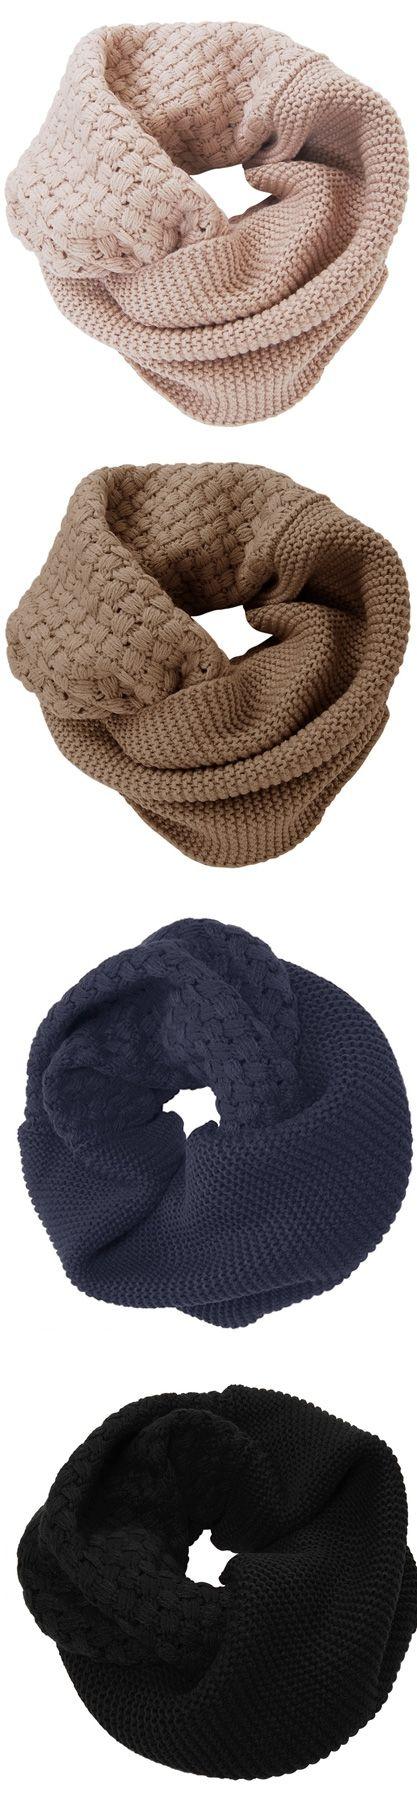 echarpe-gola tricot